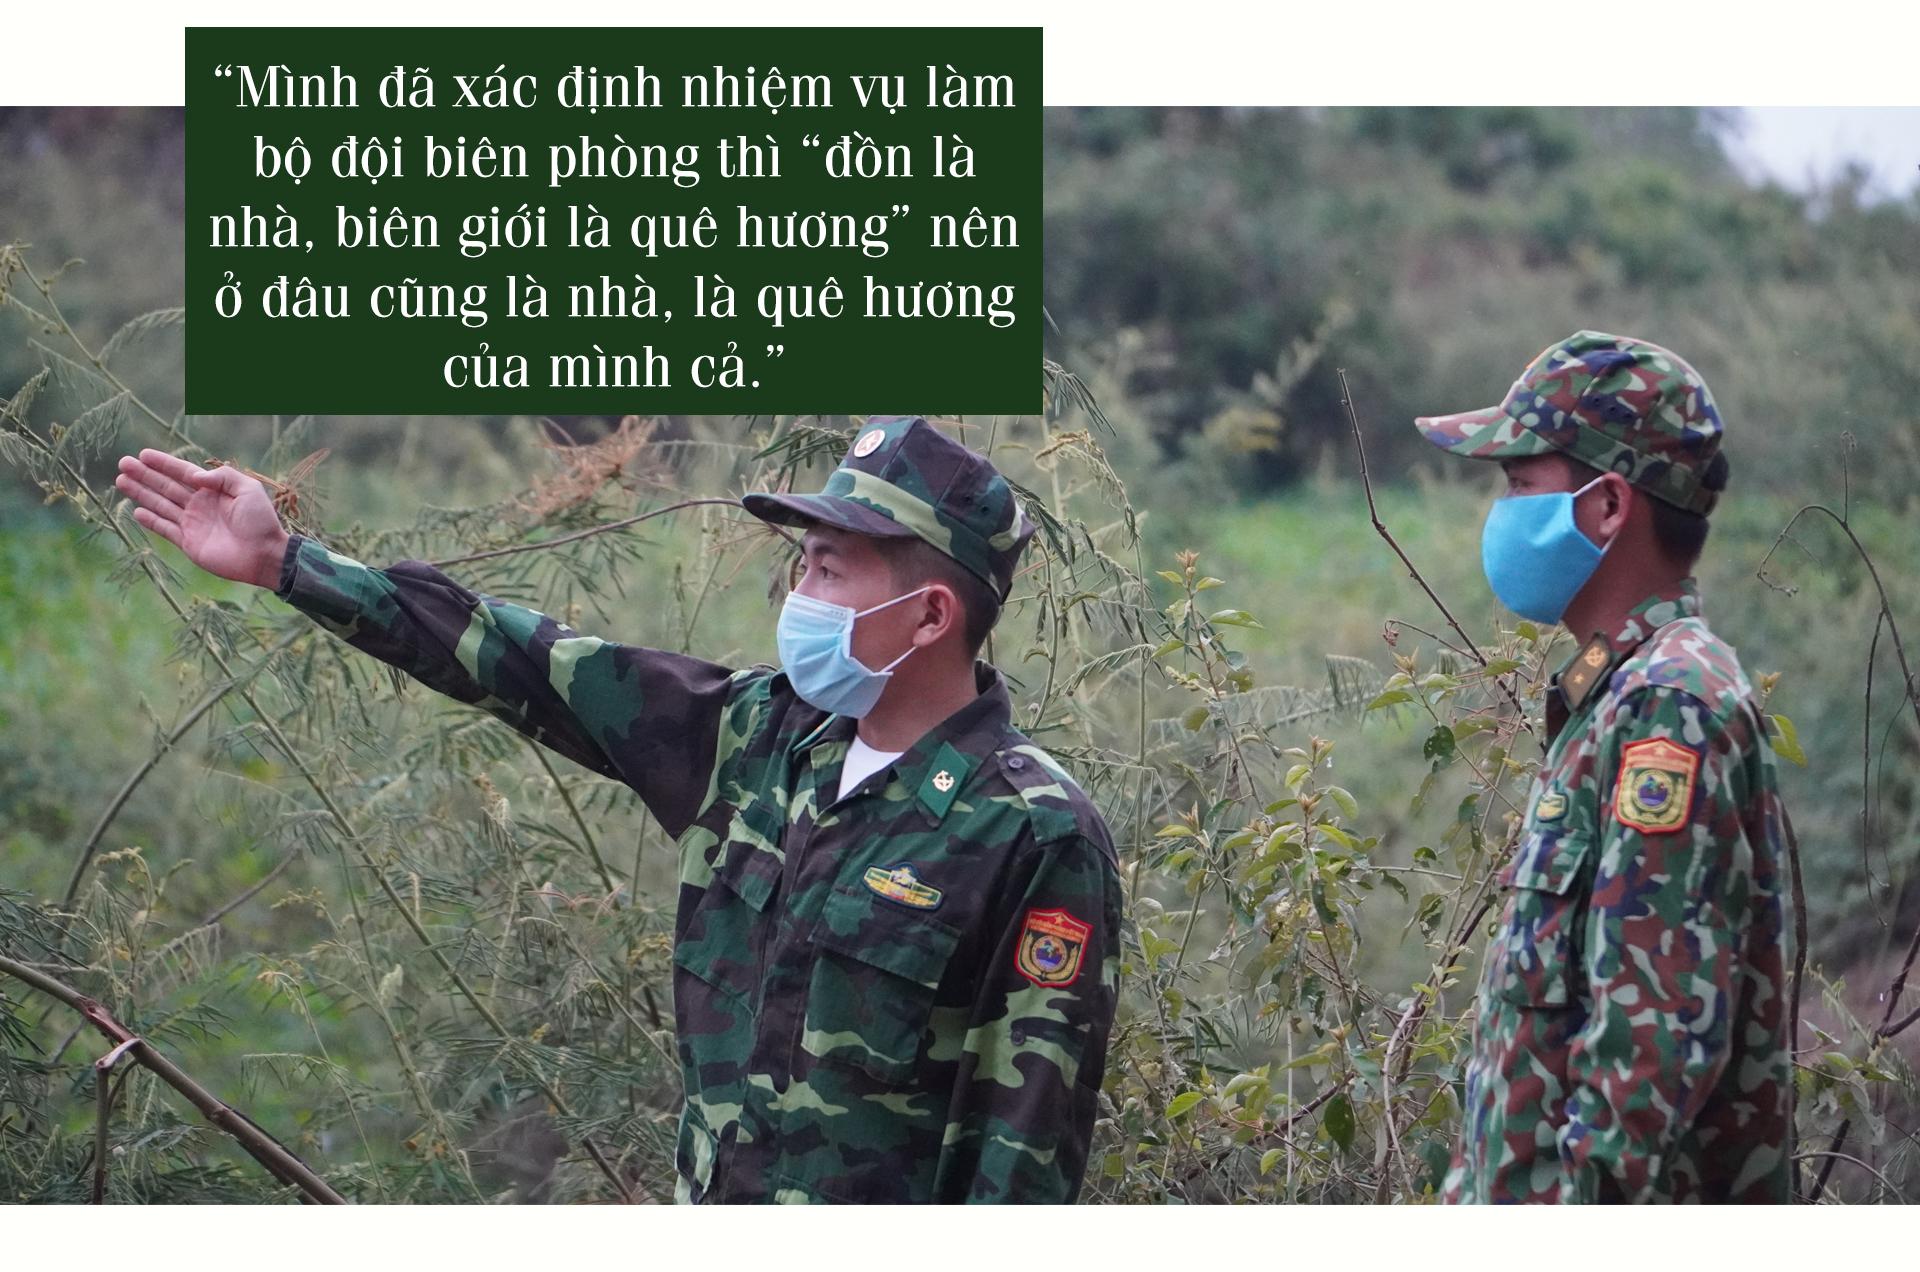 Tâm sự của chiến sĩ biên giới Tây Nam những ngày chống dịch - ảnh 7